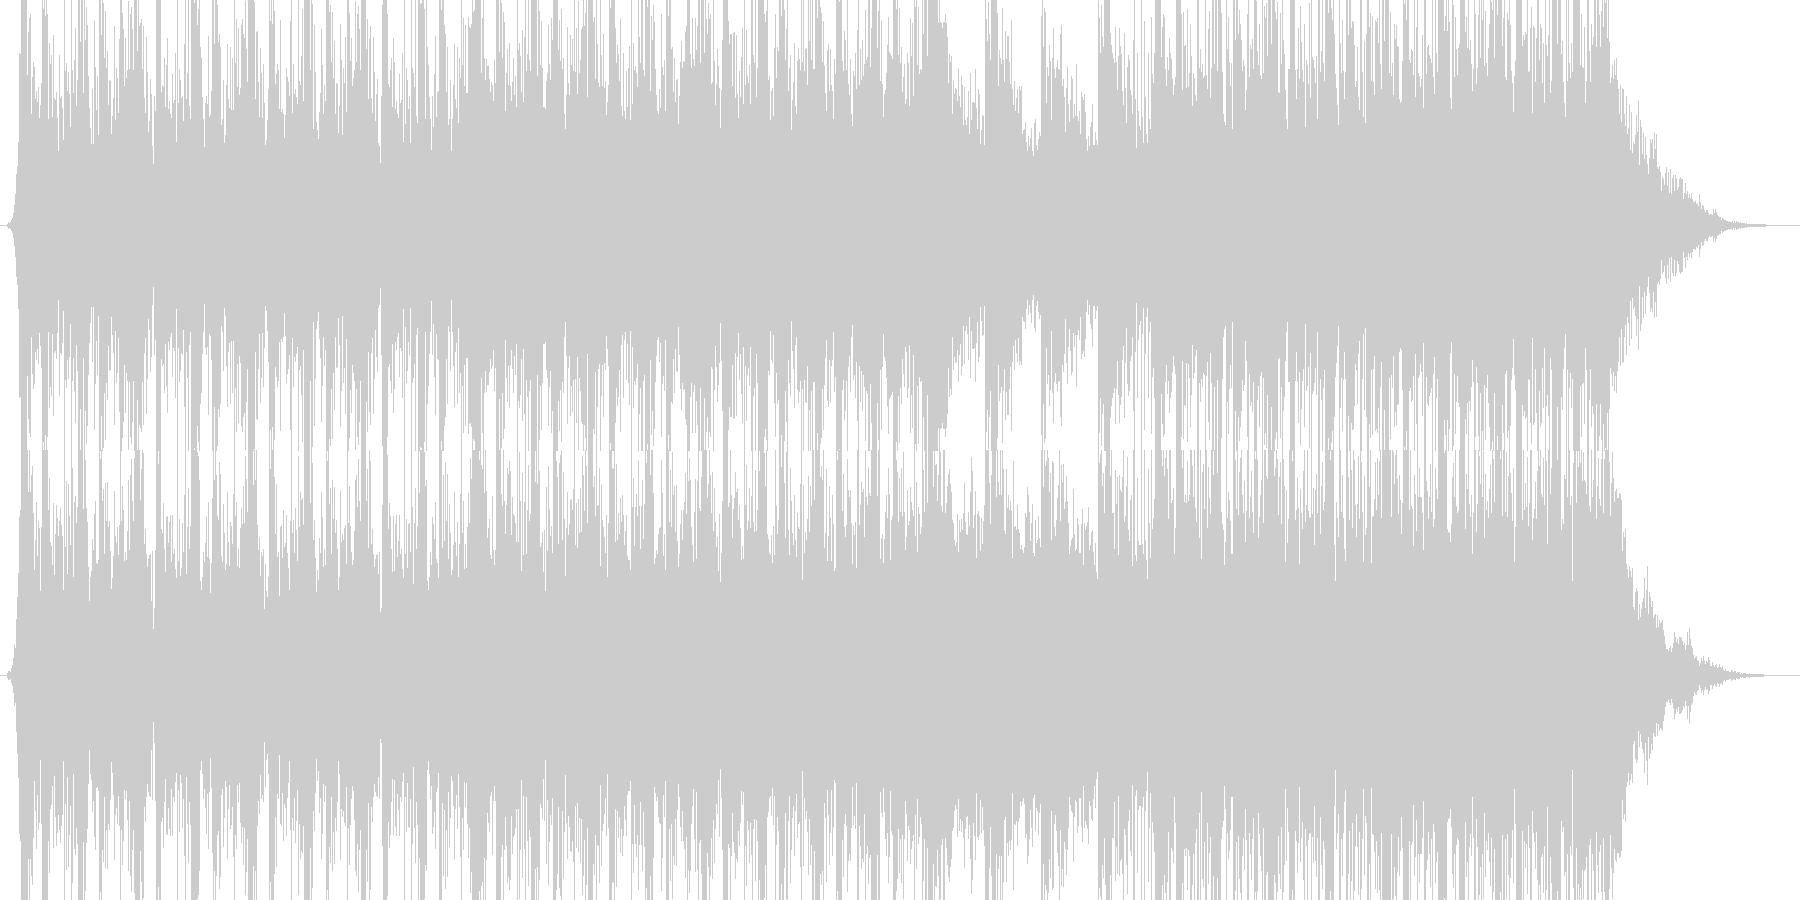 和太鼓の激しいシリアス・サスペンスな曲調の未再生の波形